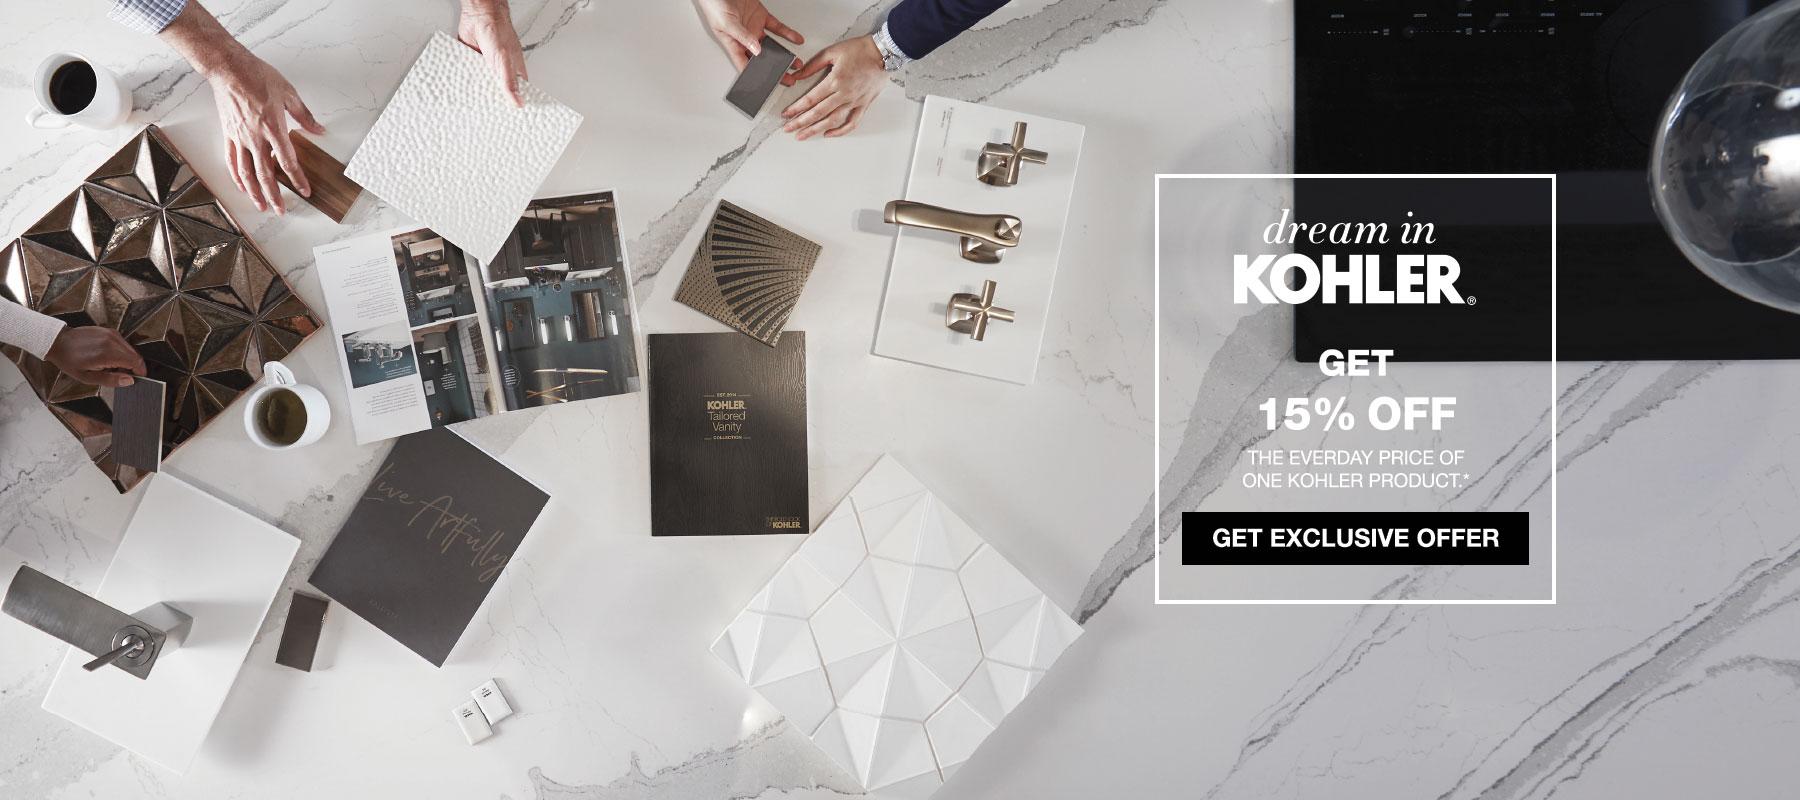 KOHLER Kitchen & Bathroom Products at Premier Bath & Kitchen in ...